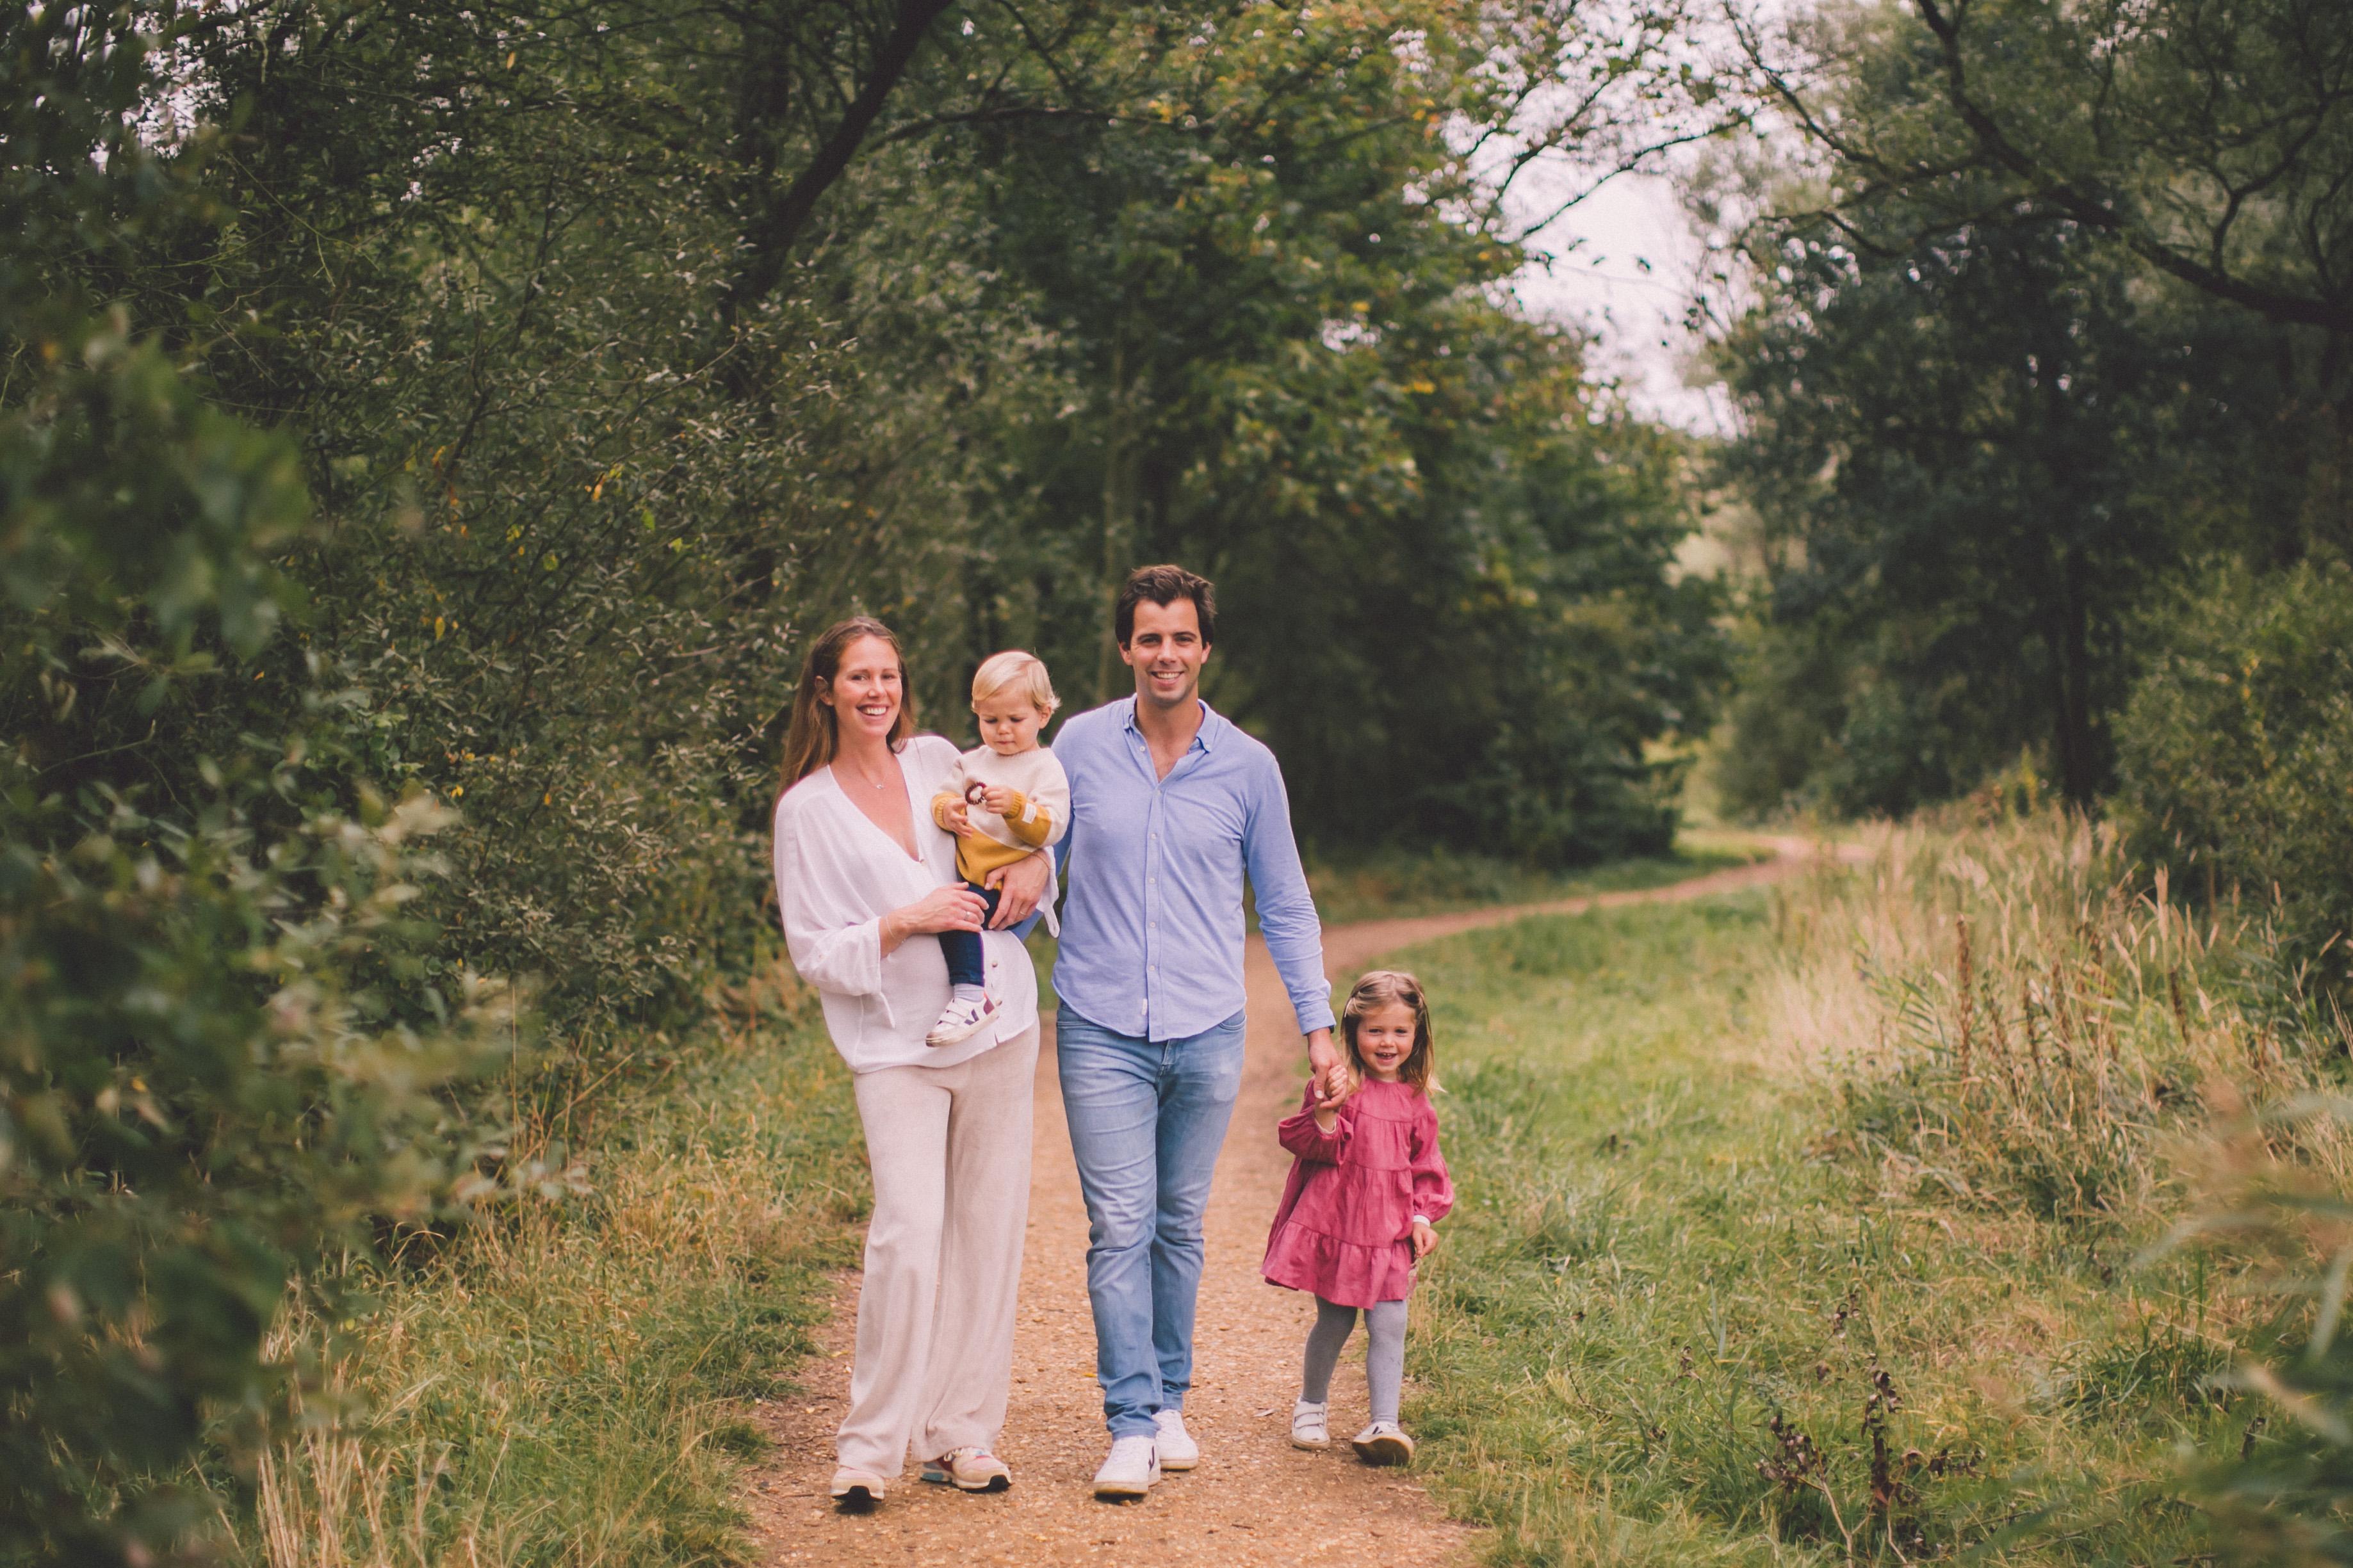 FAMILIE VAN GUCHT-1439